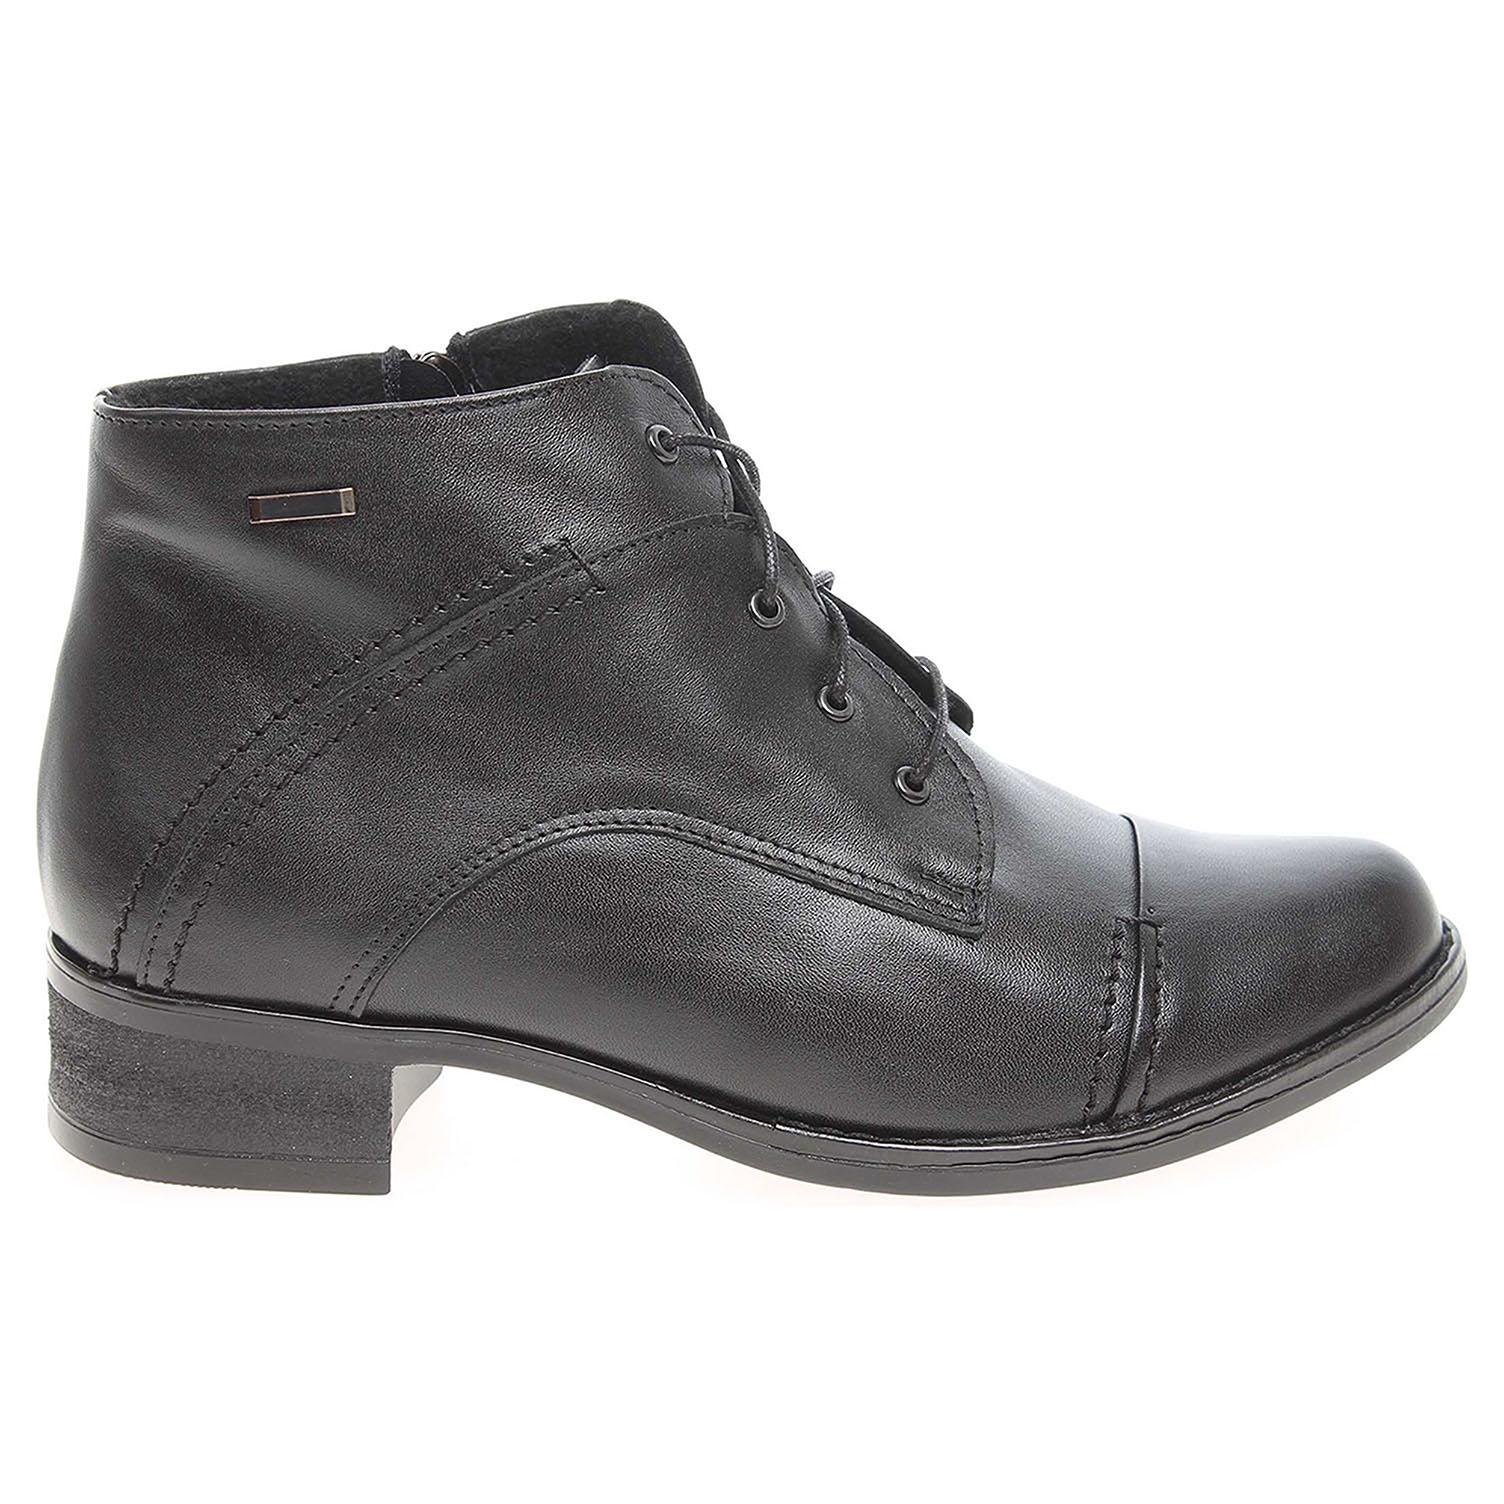 Ecco Dámská kotníková obuv AR 754 černá 22400621